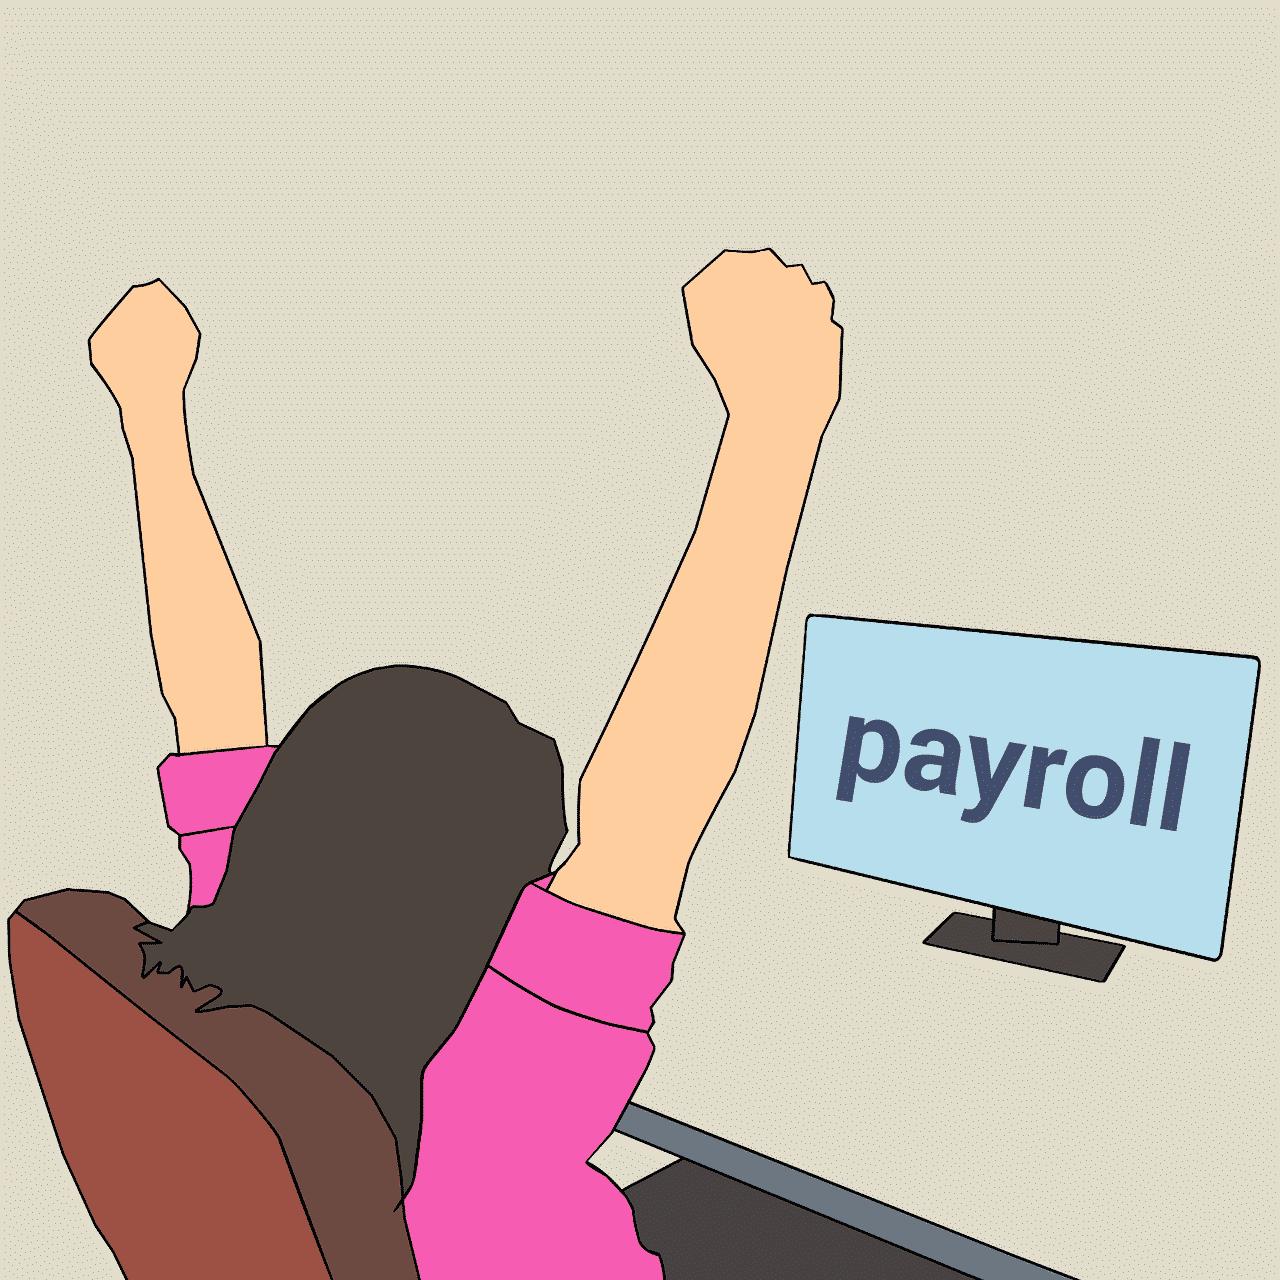 給与計算ソフトおすすめ5つを比較!クラウド型を選ぶべき?